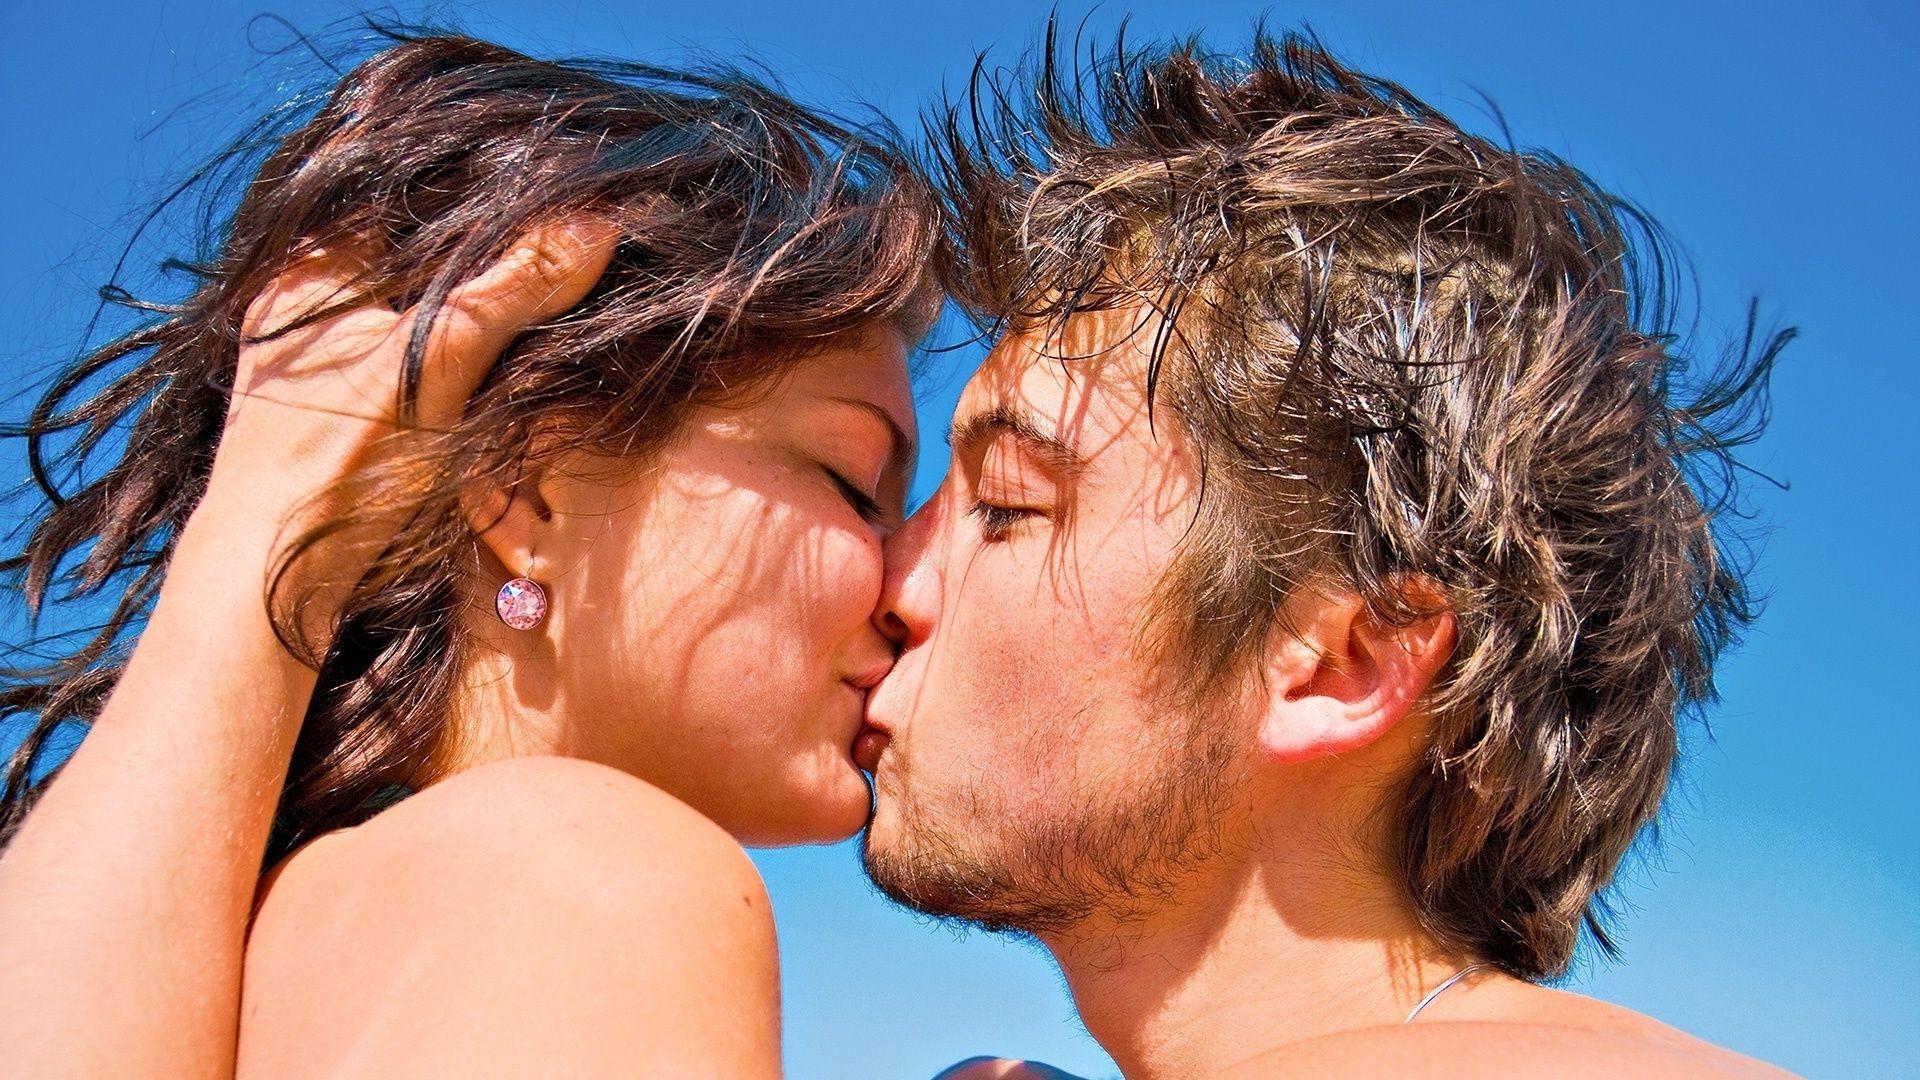 Стихи, картинки гудбай с поцелуями